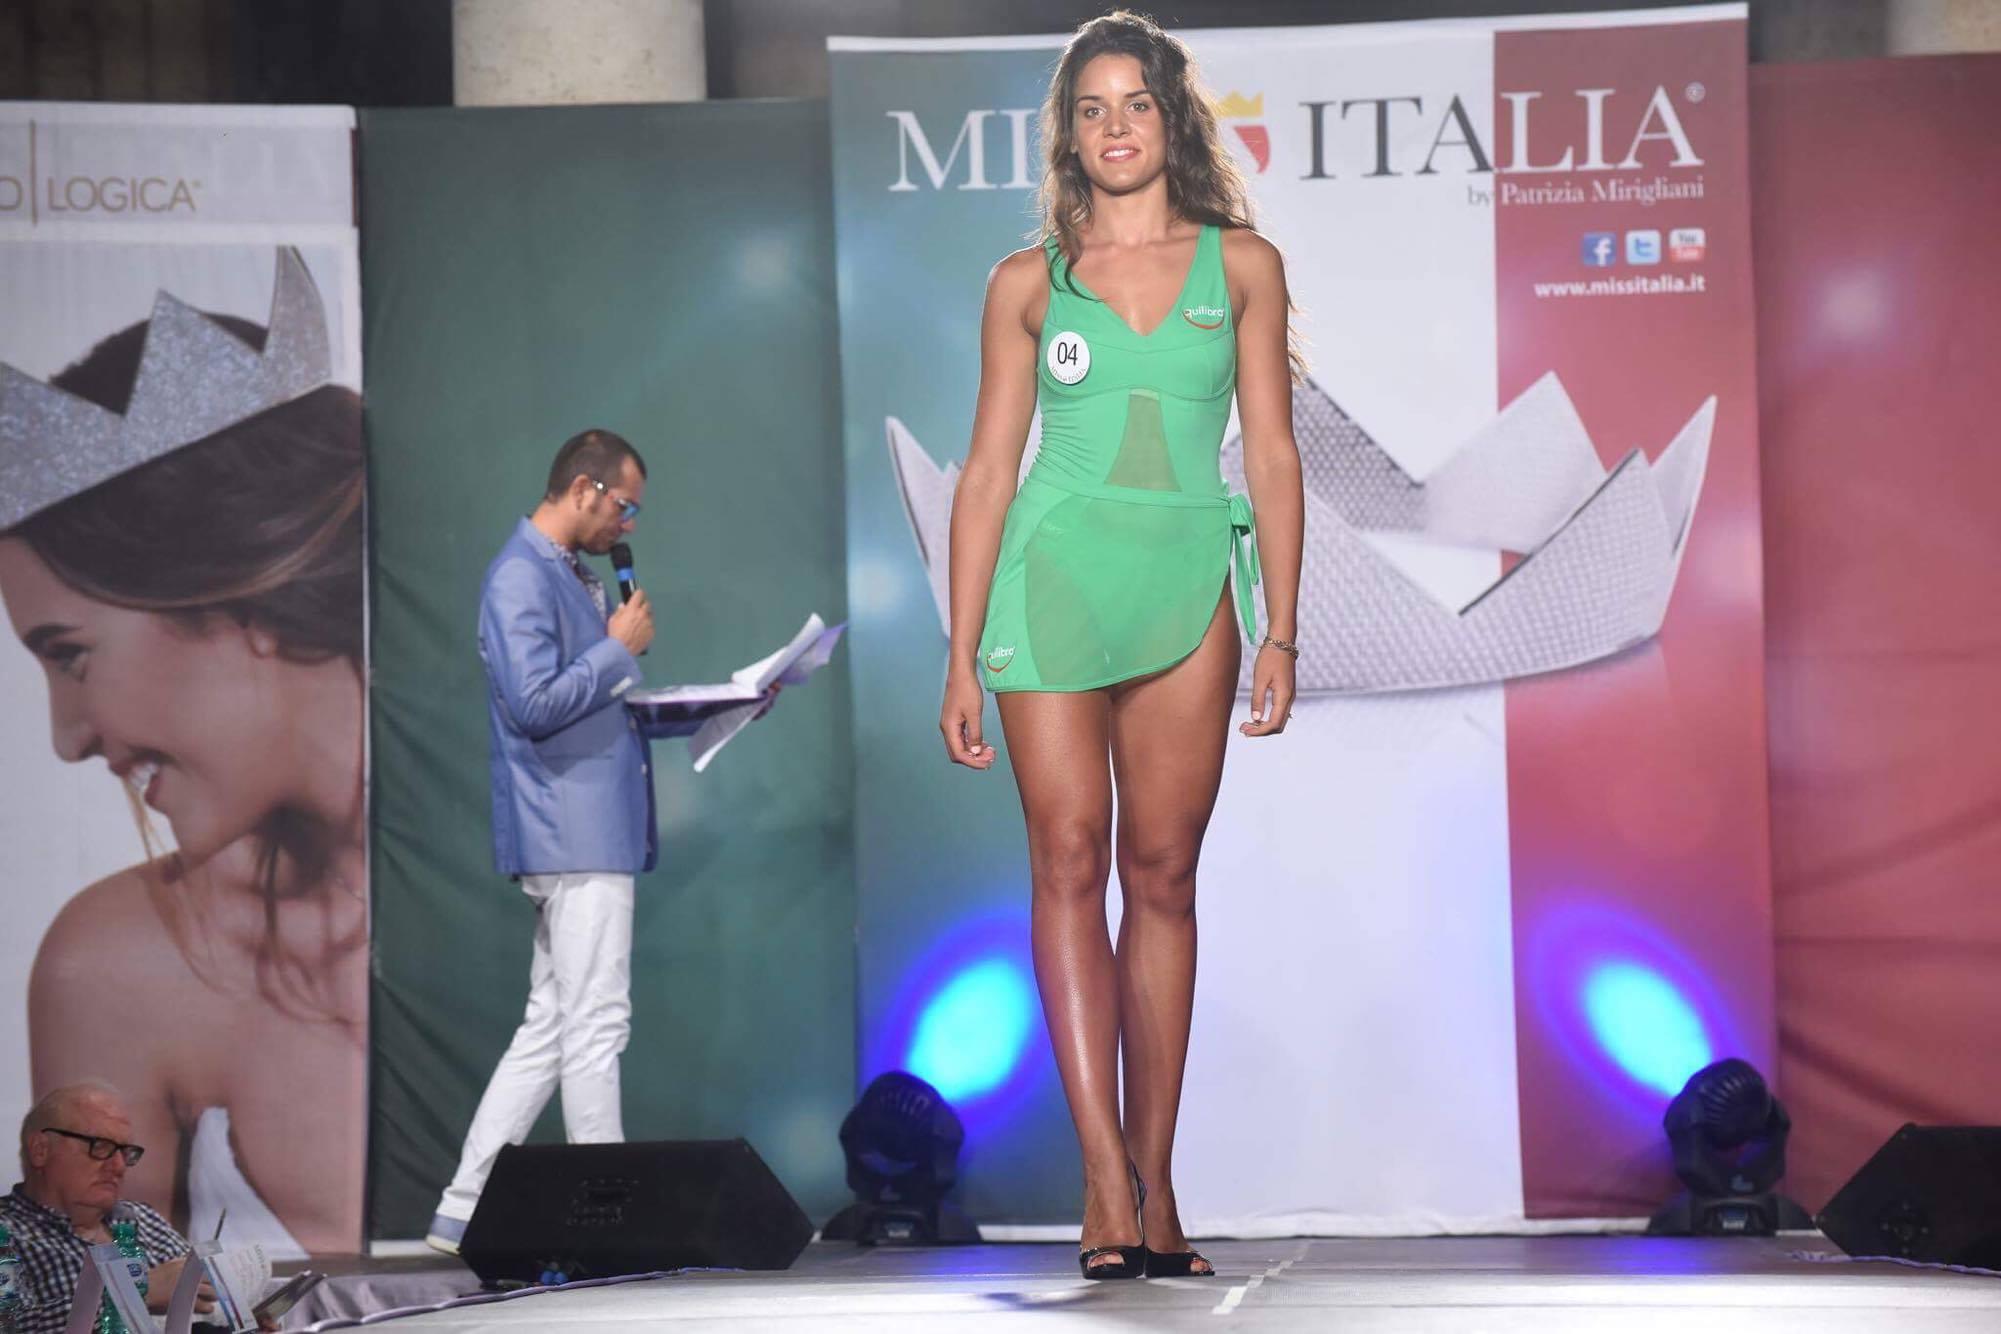 Una barlettana alla corte di Miss Italia, ecco Emilia Paolicelli